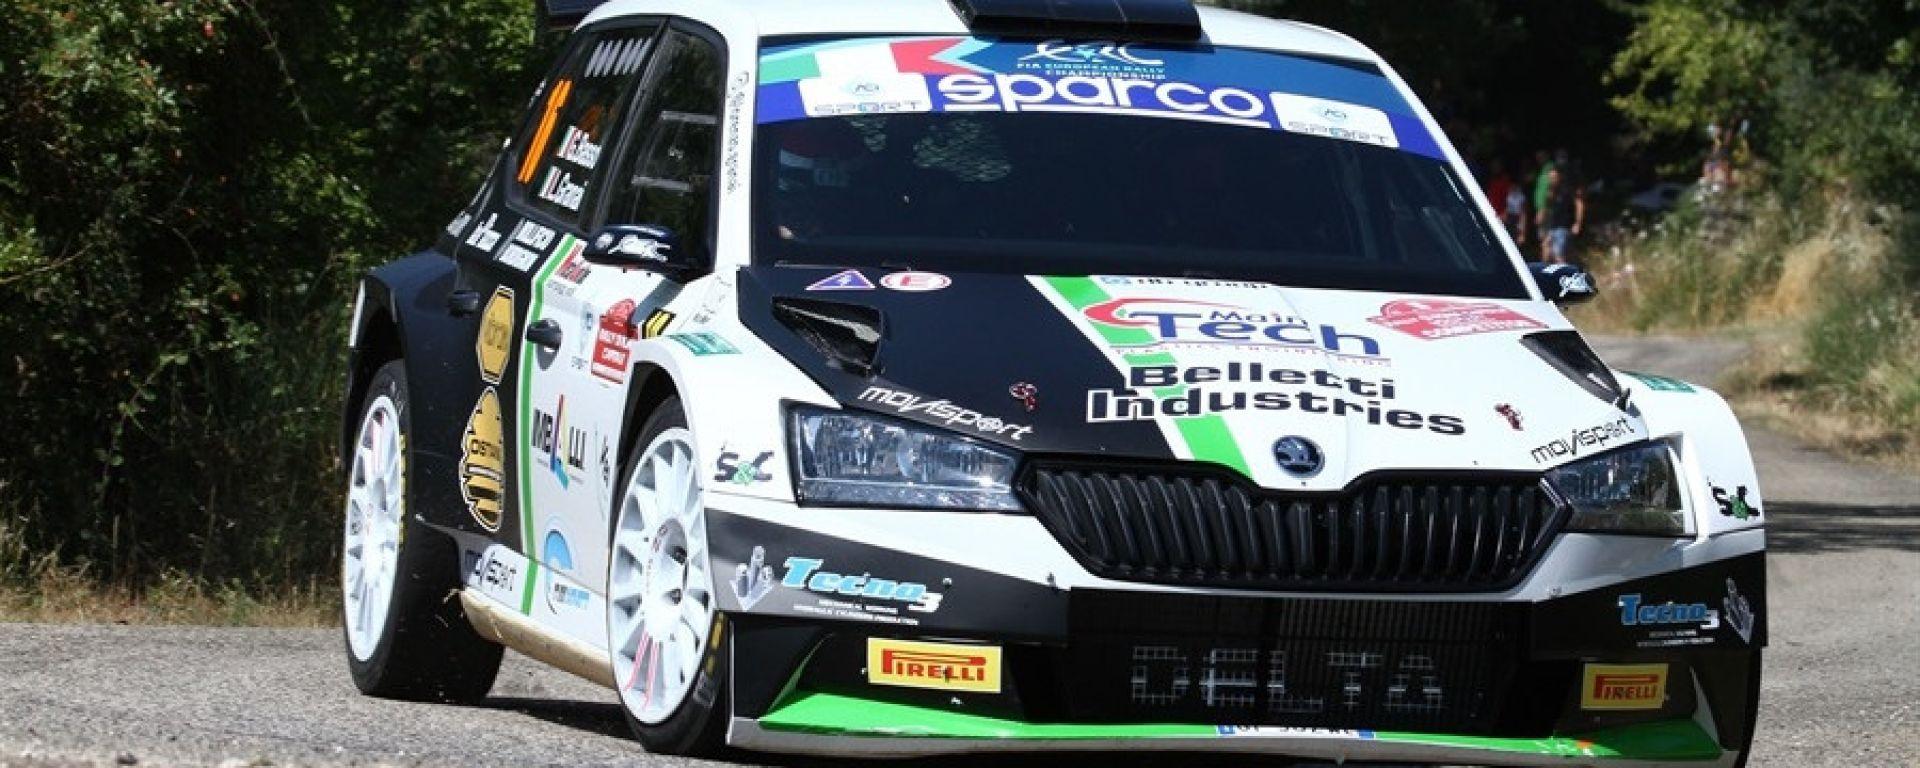 CIR 2021: la classifica piloti del Campionato Italiano Rally